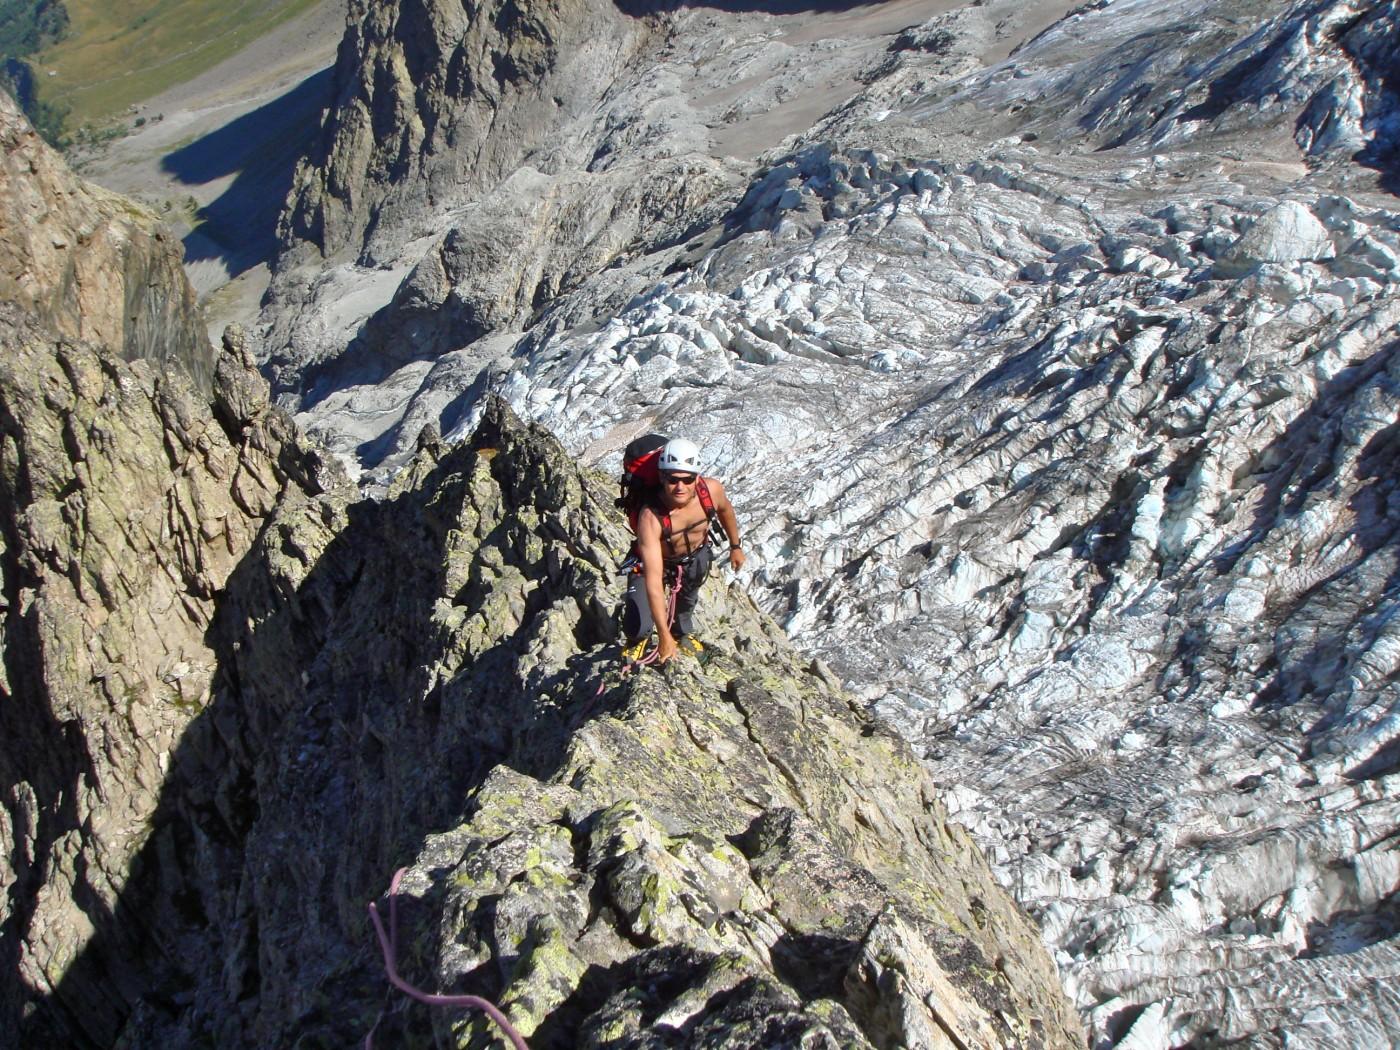 Sur l'arête des Enfetchores. En contrebas le Glacier de la Meije. Alpinisme dans le massif des Ecrins, Oisans.